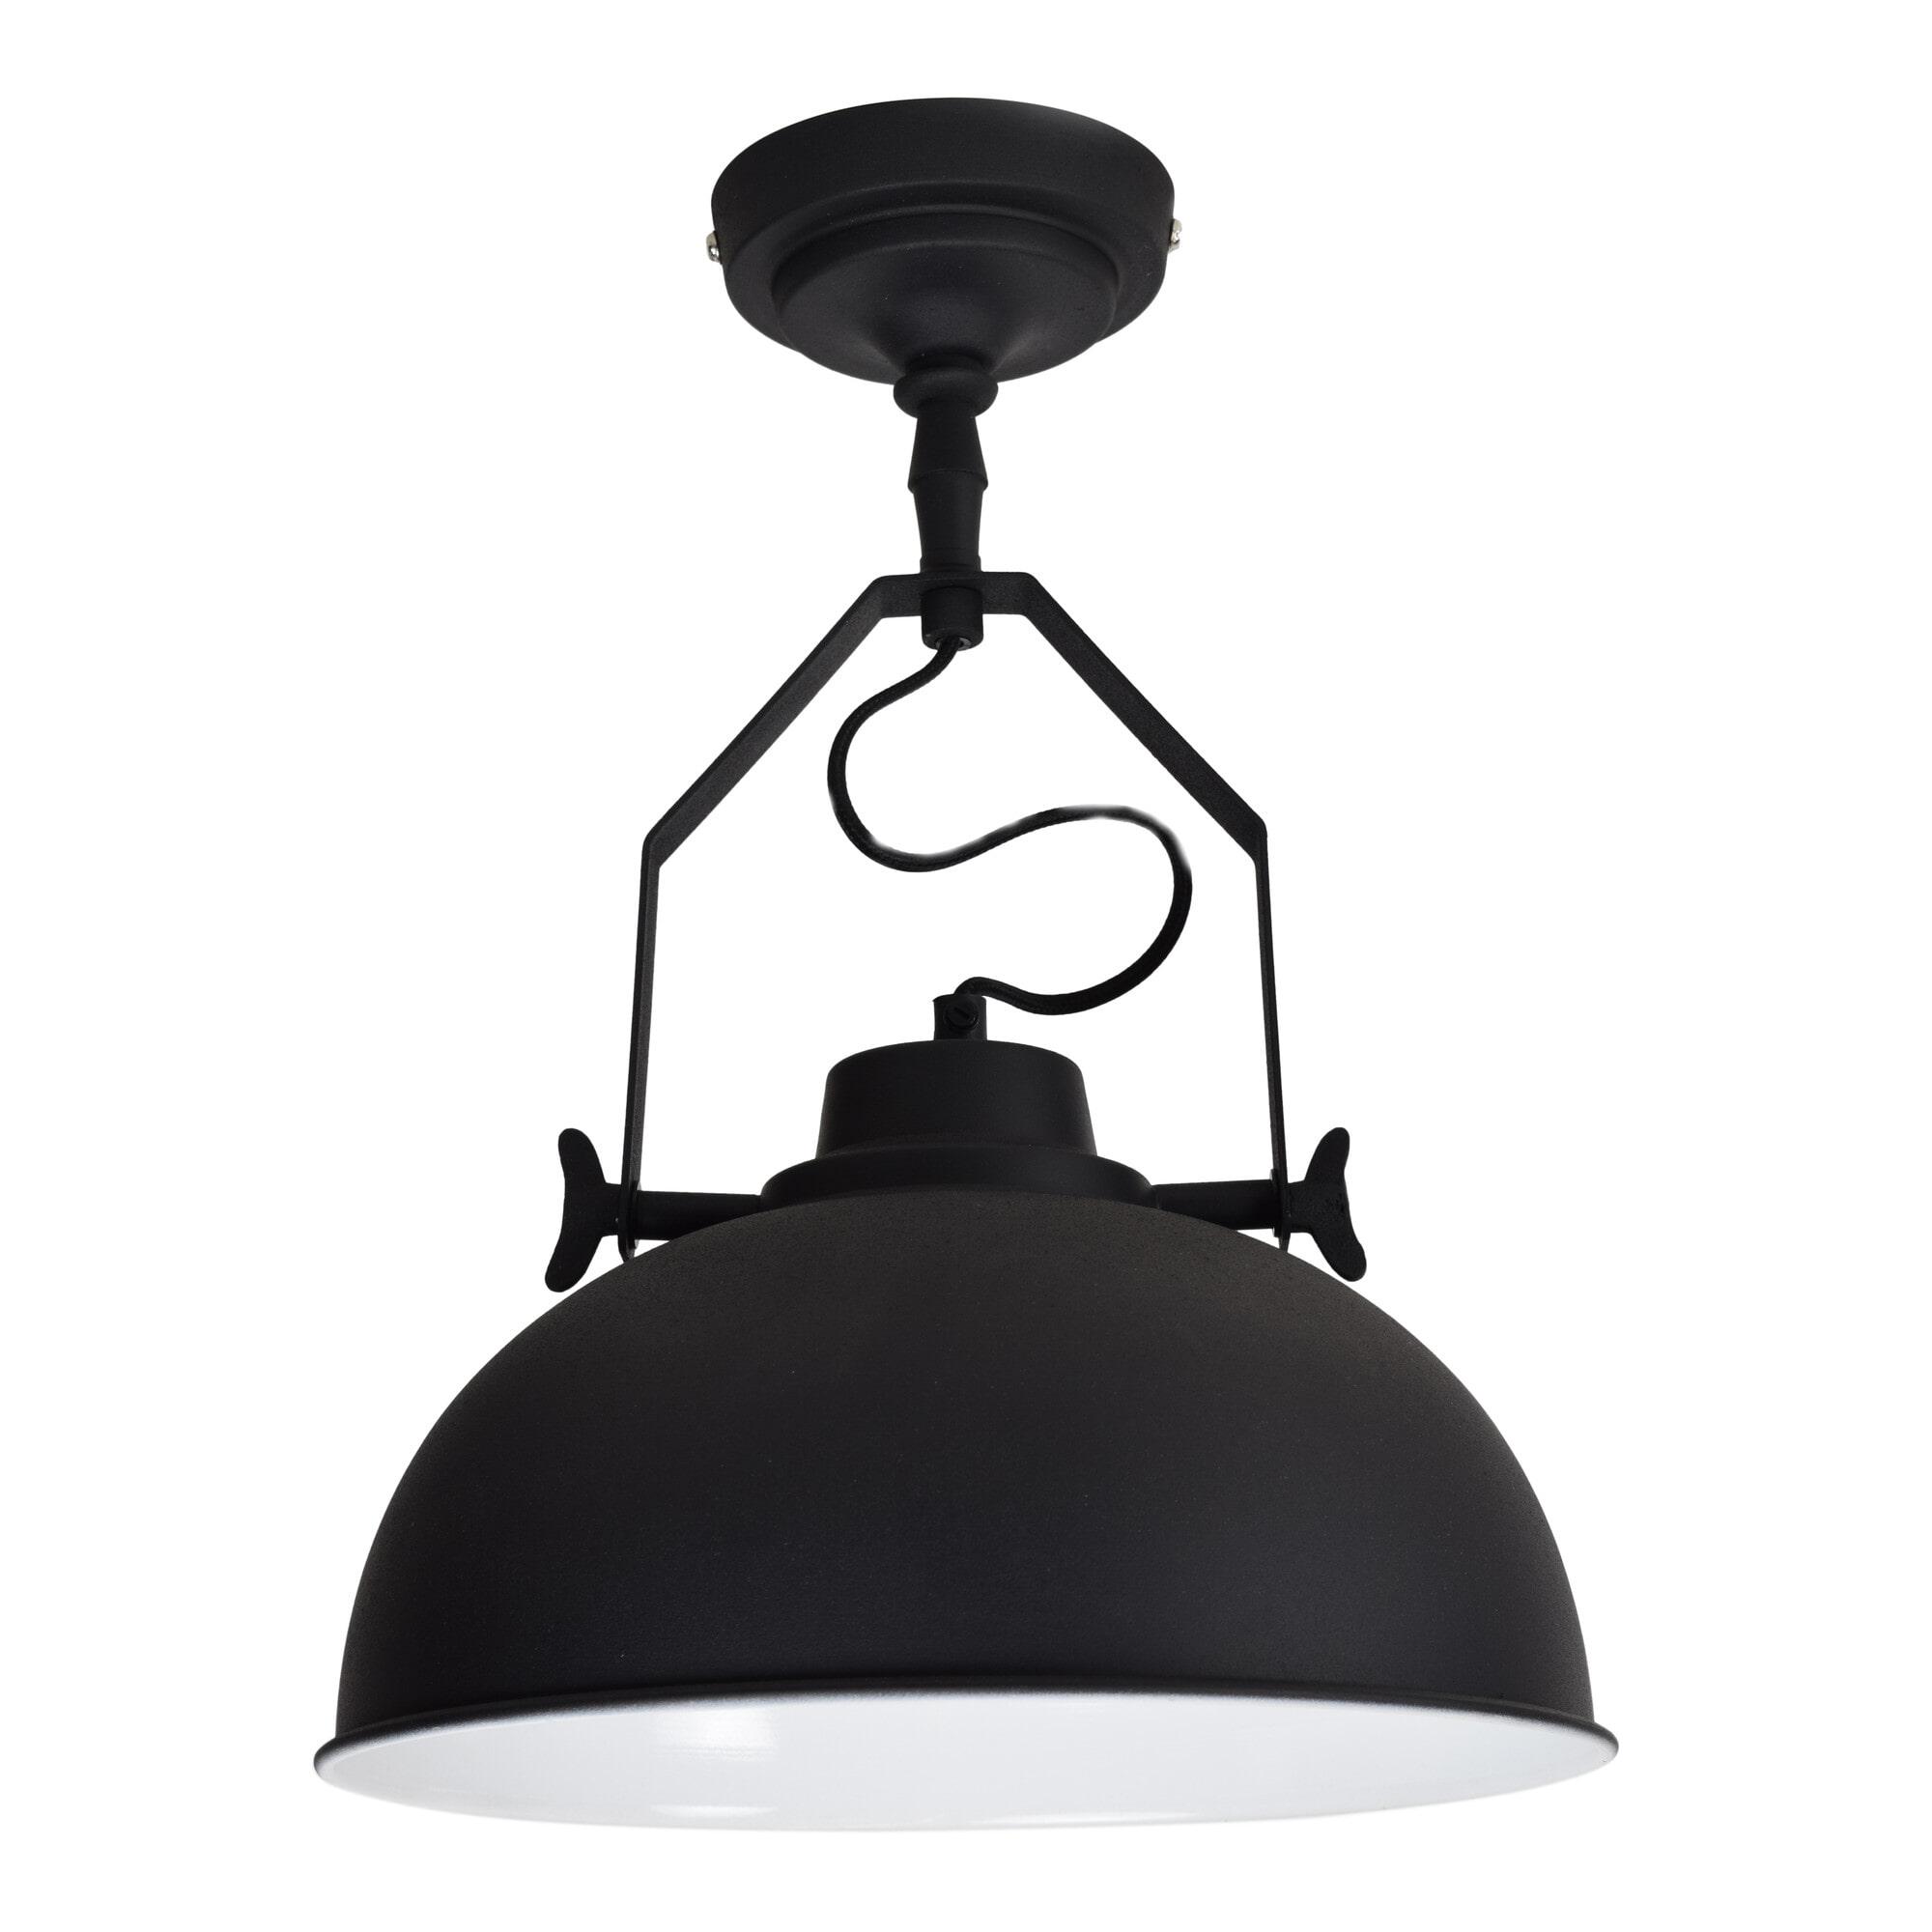 Urban Interiors Plafondlamp 'Urban' 30cm, kleur zwart  vergelijken doe je het voordeligst hier bij Meubelpartner